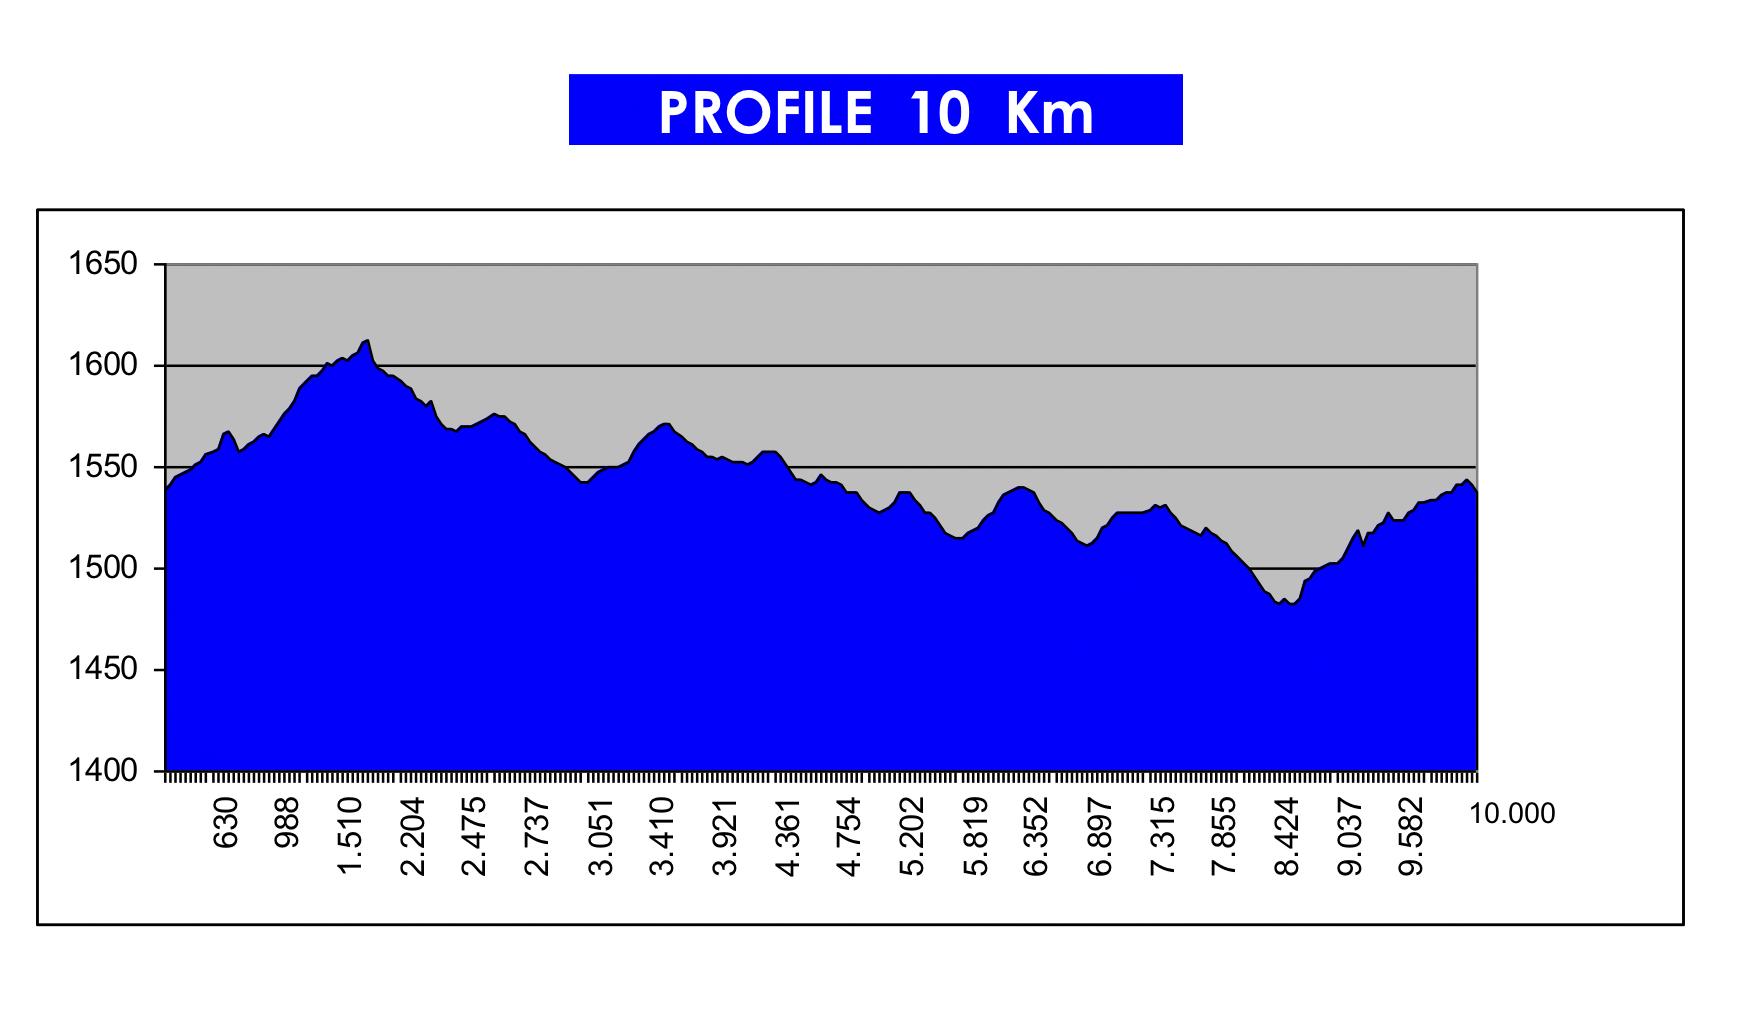 Piste WMA EN 10km profile